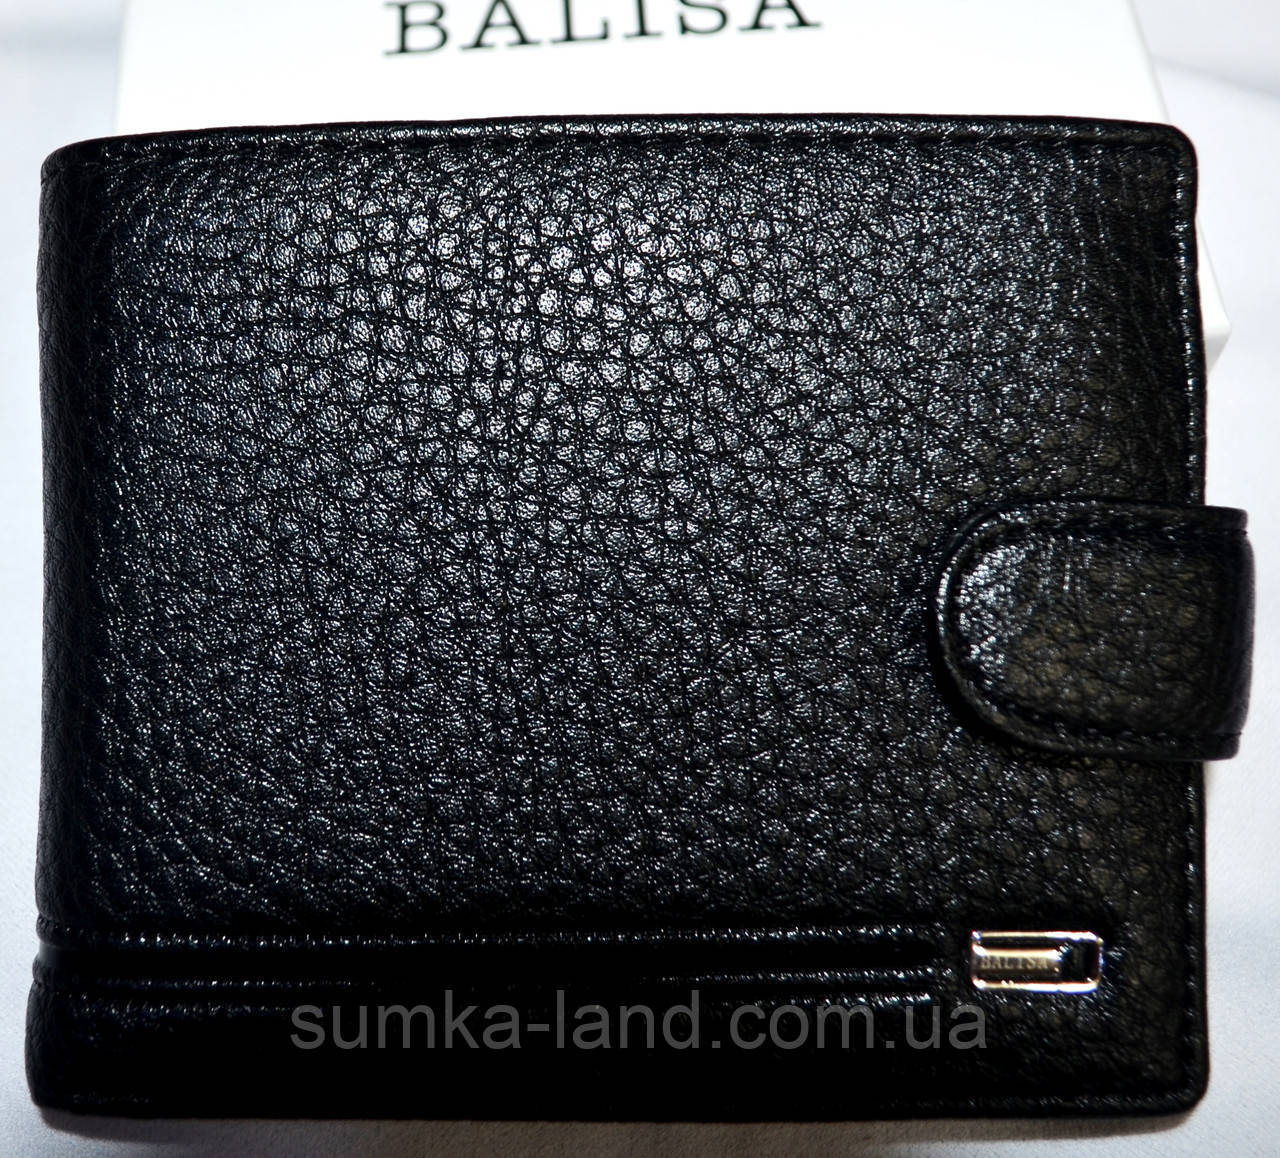 Мужской черный кошелек Balisa из искусственной кожи 12*10 см